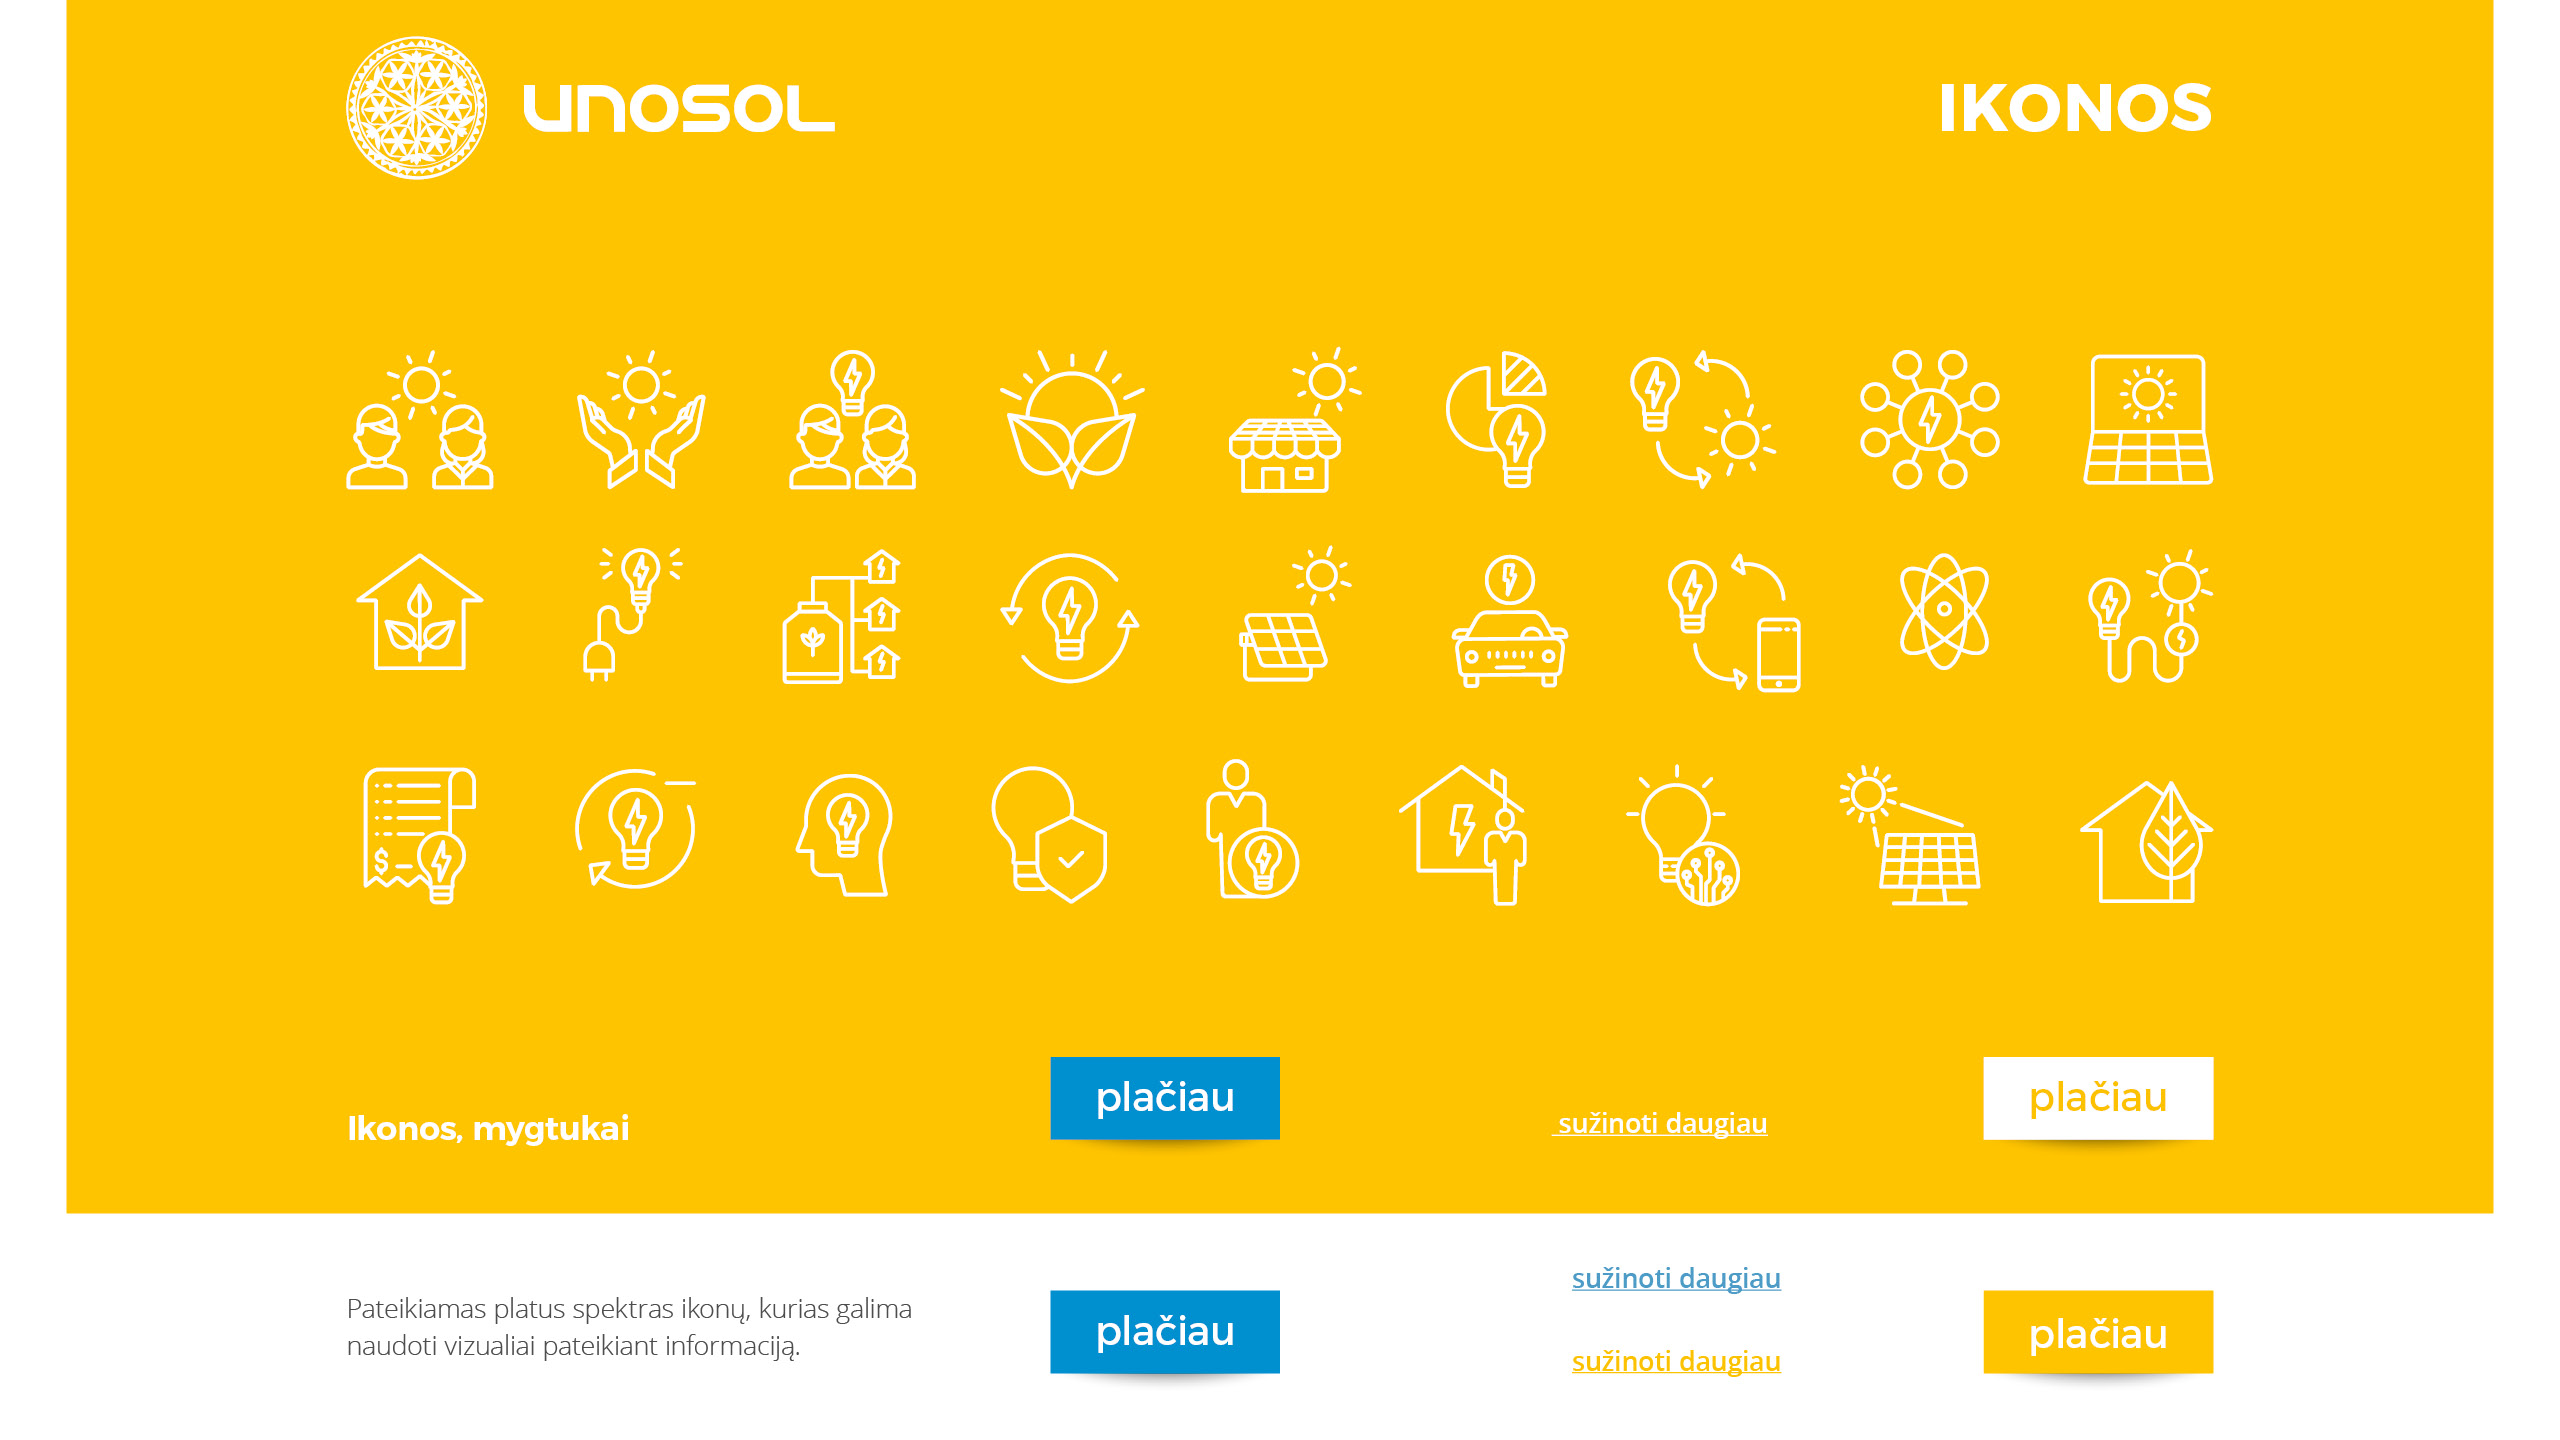 UNOSOL Vizualinio Identiteto vadovas 11 / Logobou design